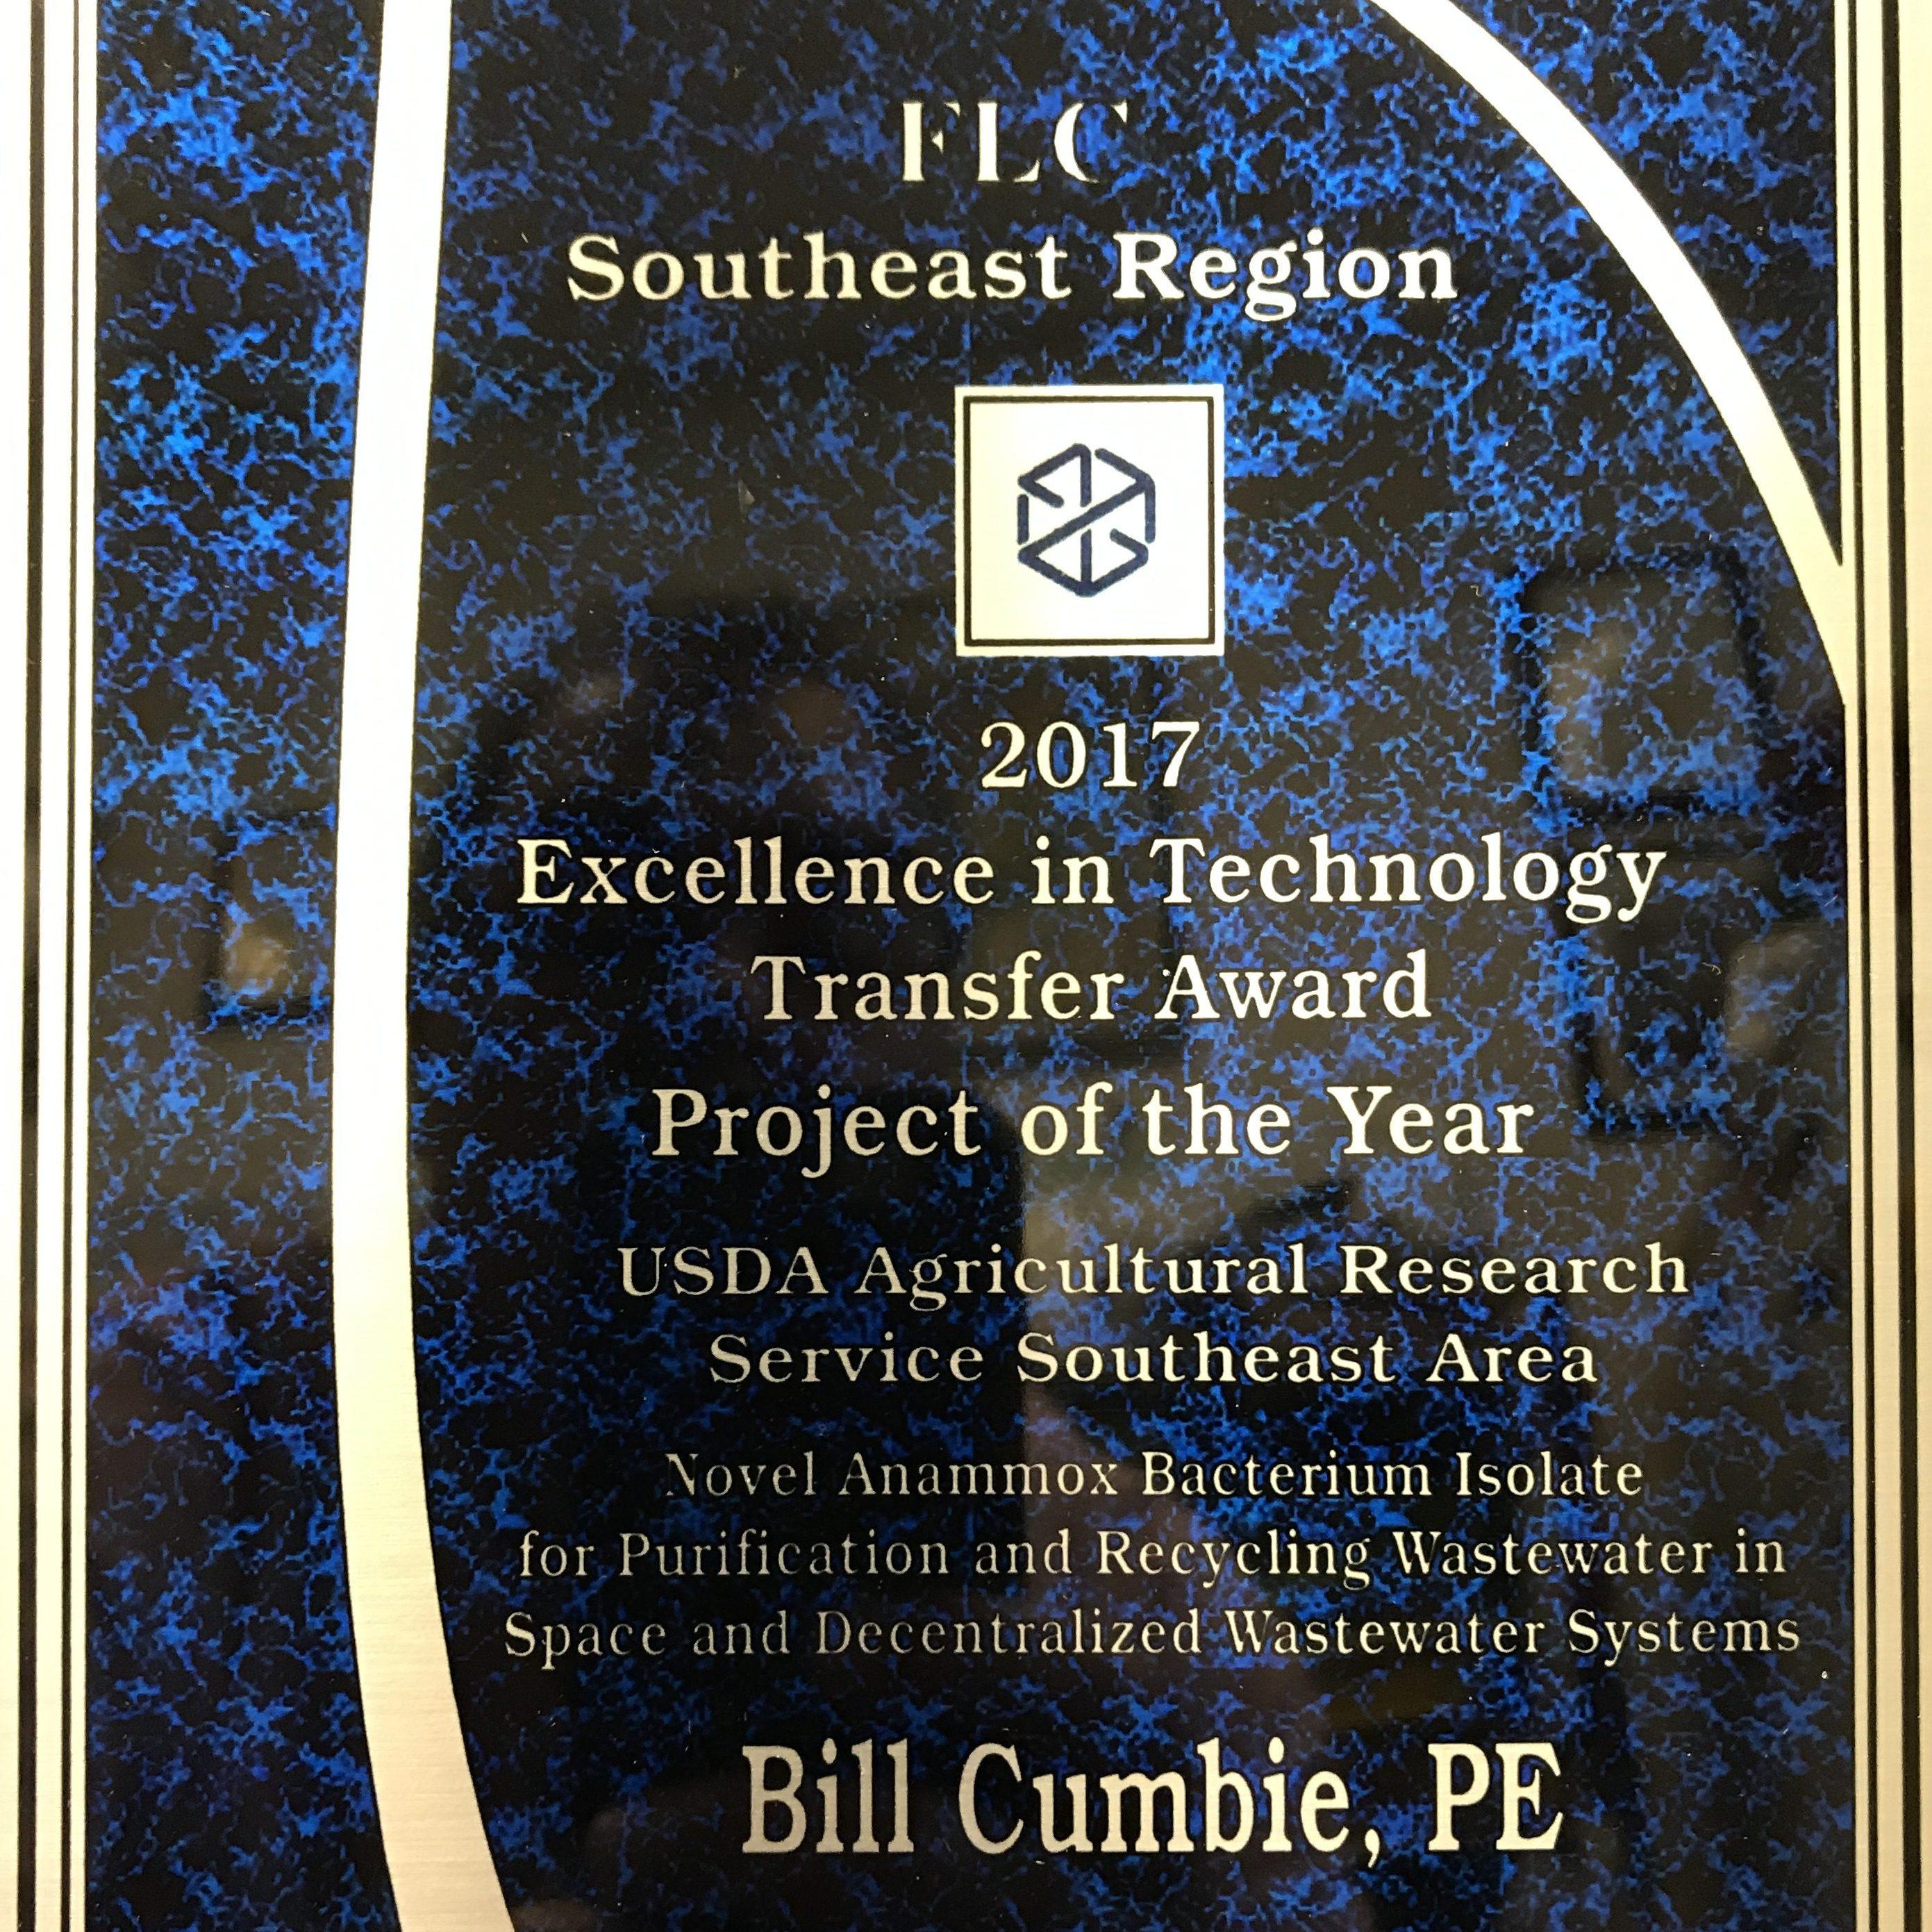 Pancopia Celebrates FLC Award